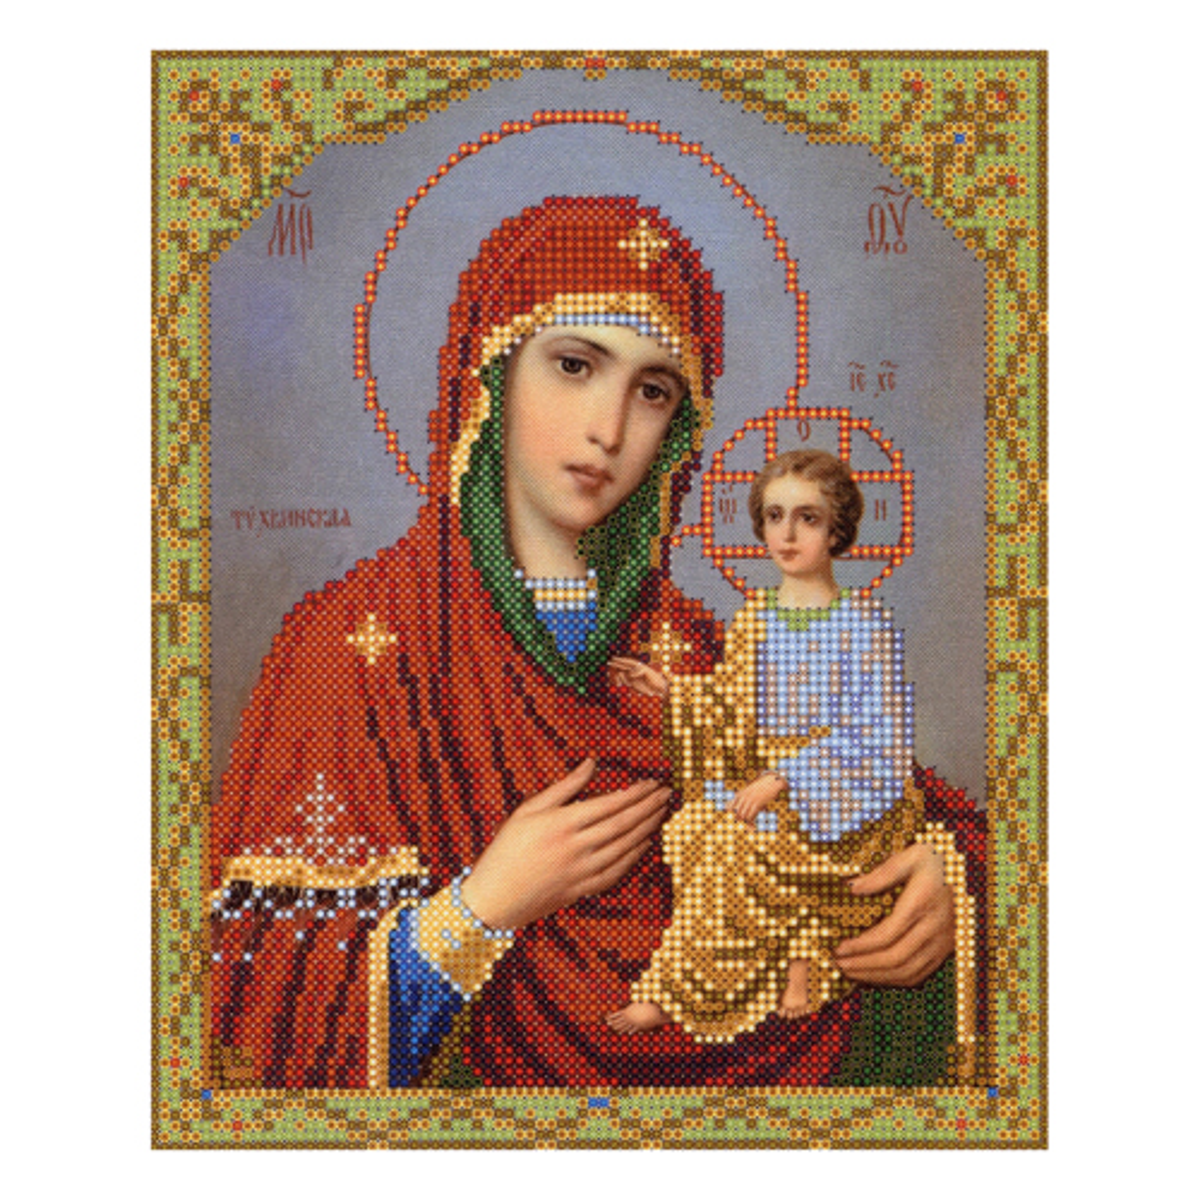 4007 Ткань с нанесенным рисунком для вышивания бисером 'Тихвинская Богородица' 25*30 см